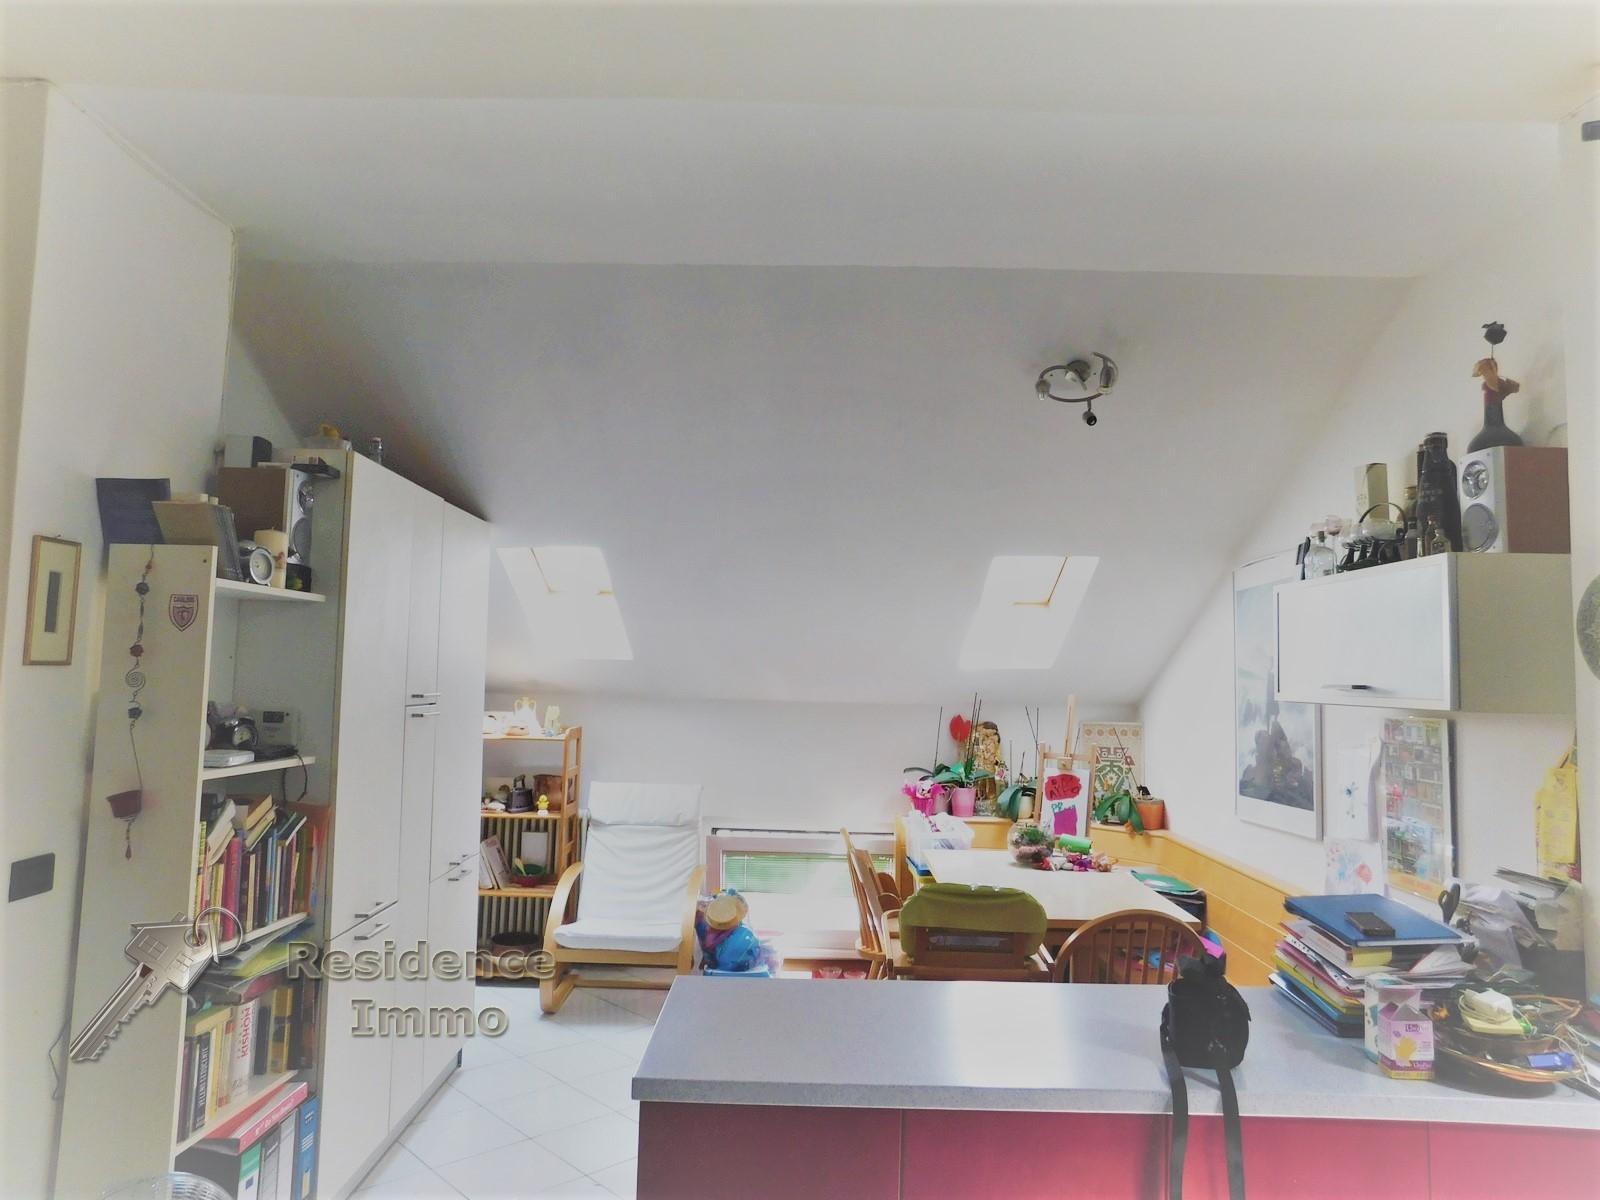 Attico / Mansarda in vendita a Bolzano, 3 locali, zona Zona: Residenziale, prezzo € 240.000 | CambioCasa.it